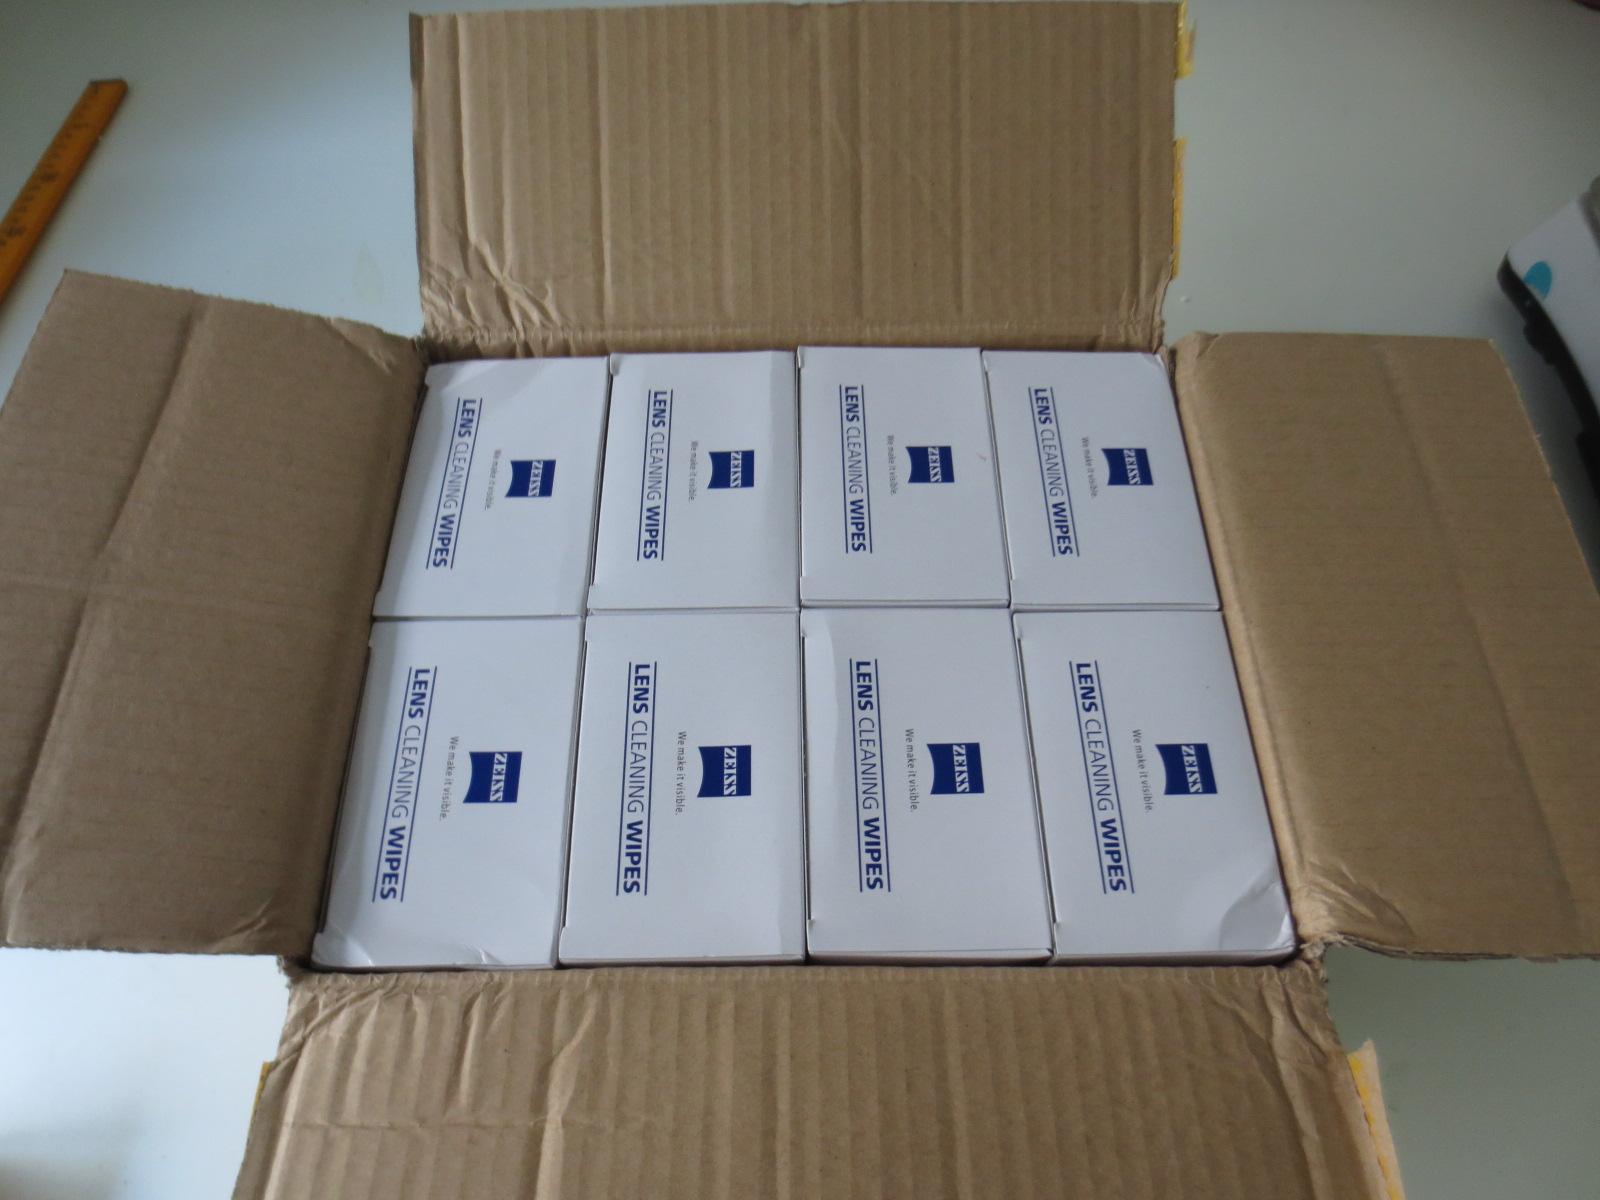 Салфетка для чистки объектива Zeiss Zeiss Германии профессиональный объектив папиросной бумаги чистой линзы бумаги салфетки очки купить один получить один бесплатный